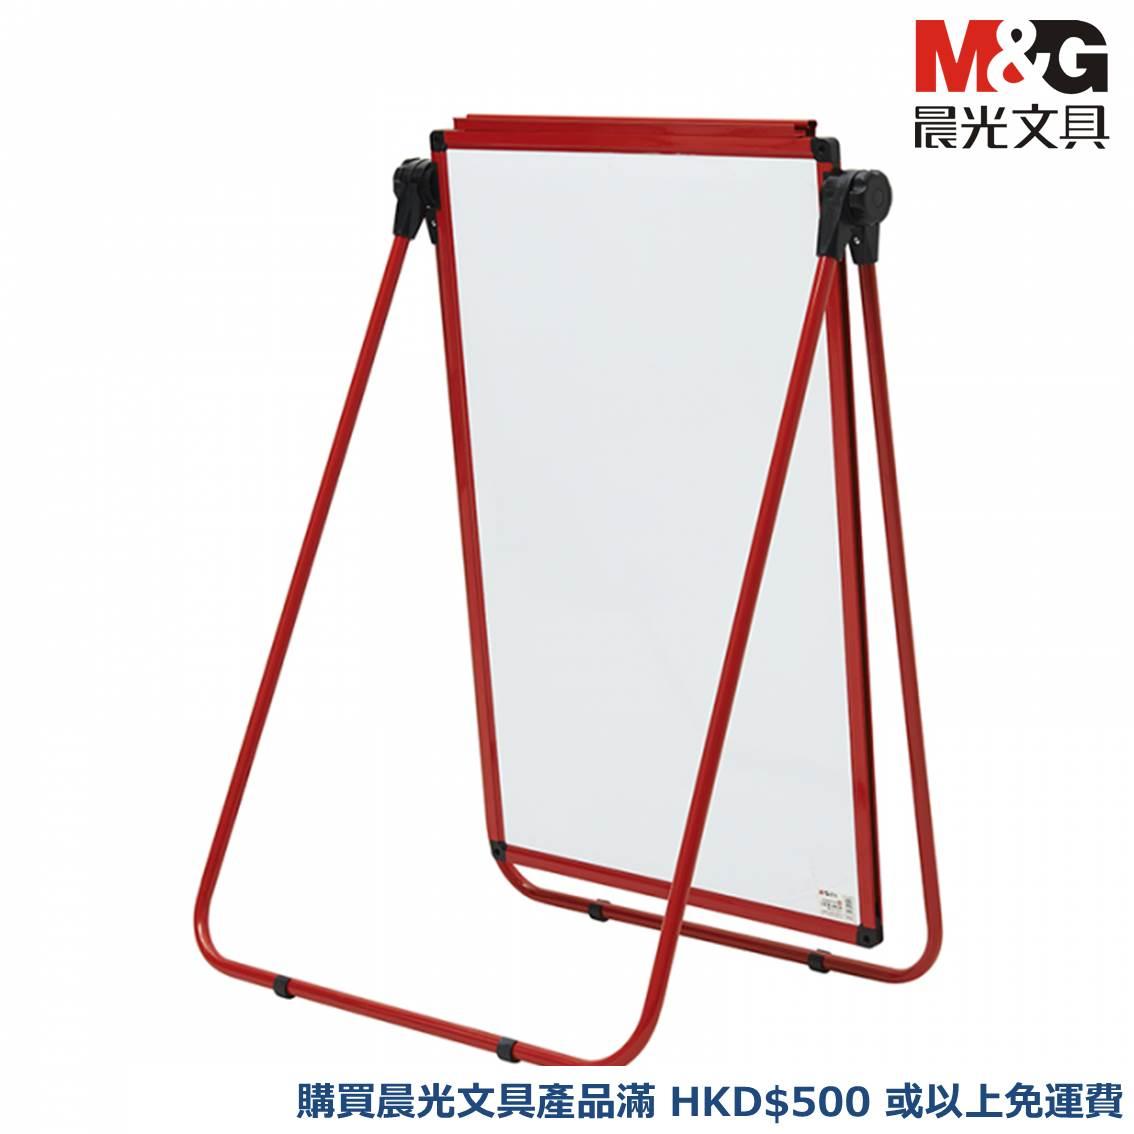 晨光U型架易擦白板套裝(900x600mm) - 紅框